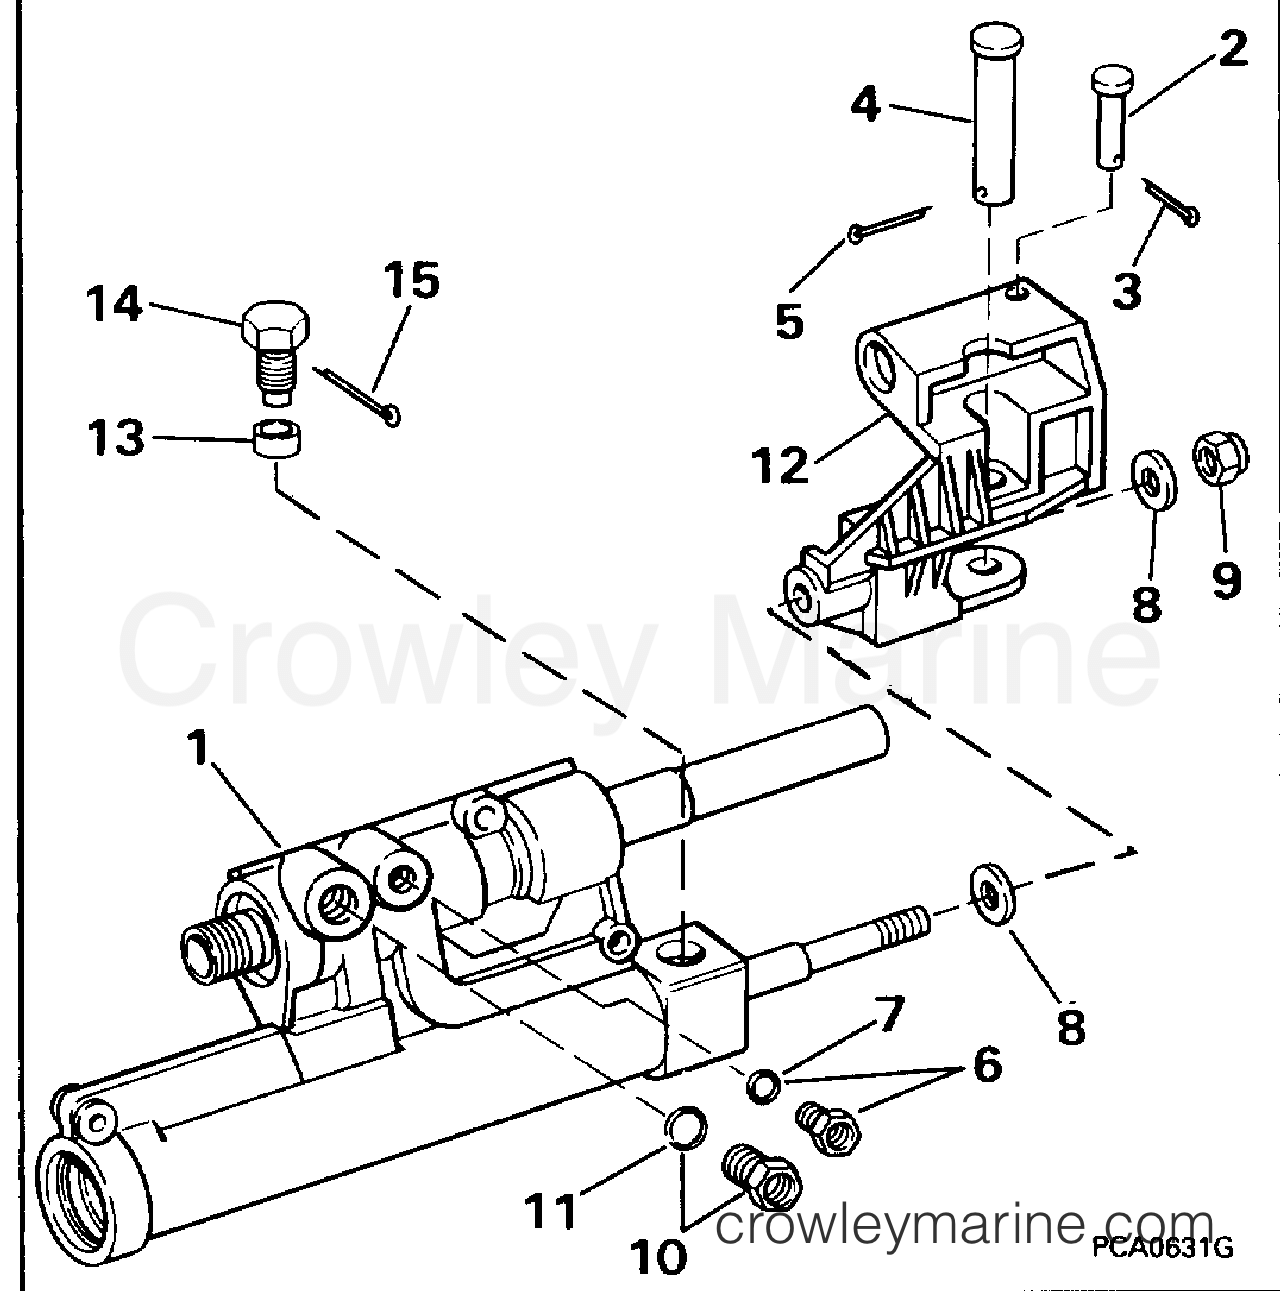 omc steering diagram wiring diagram writeomc steering diagram just wiring data omc cobra outdrive omc steering diagram